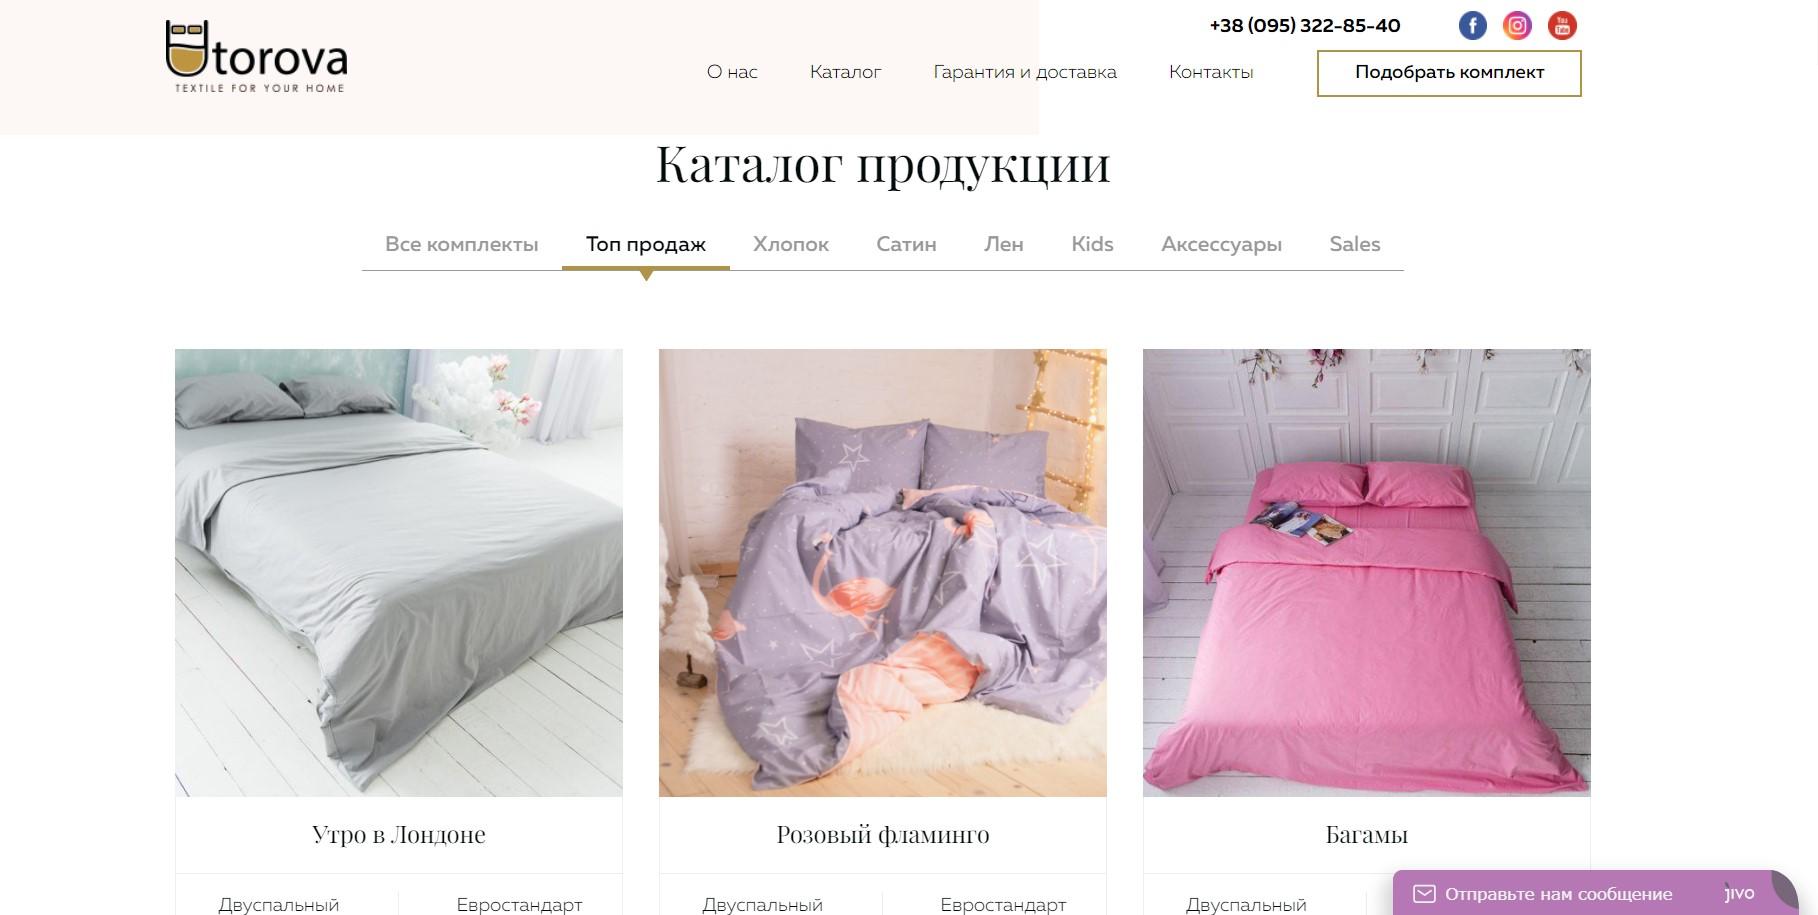 Мультилендинг сайта Utorova